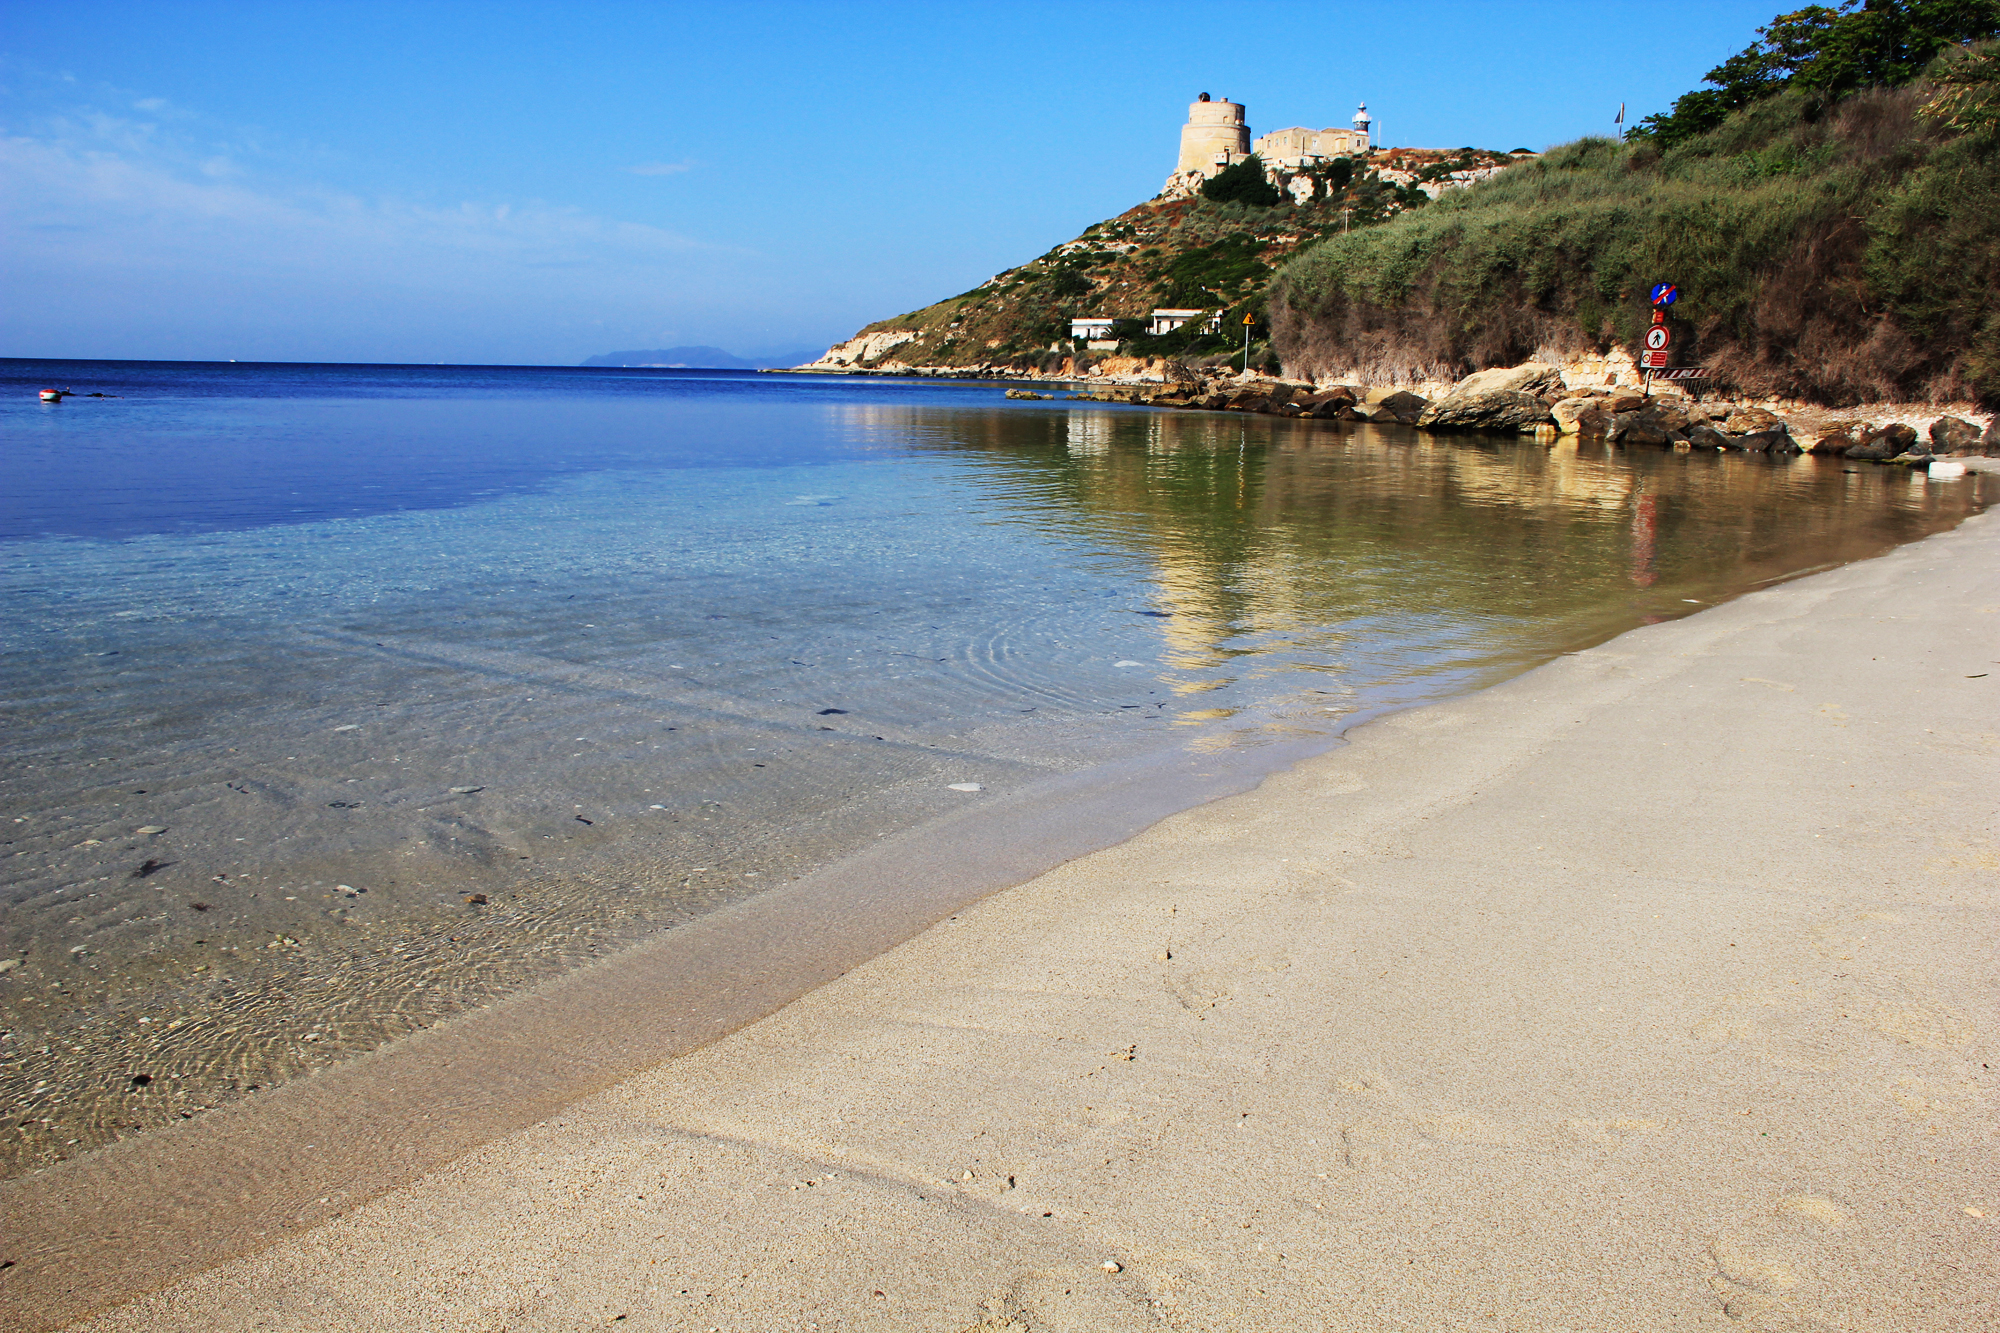 spiaggia di Calamosca con torre a cagliari